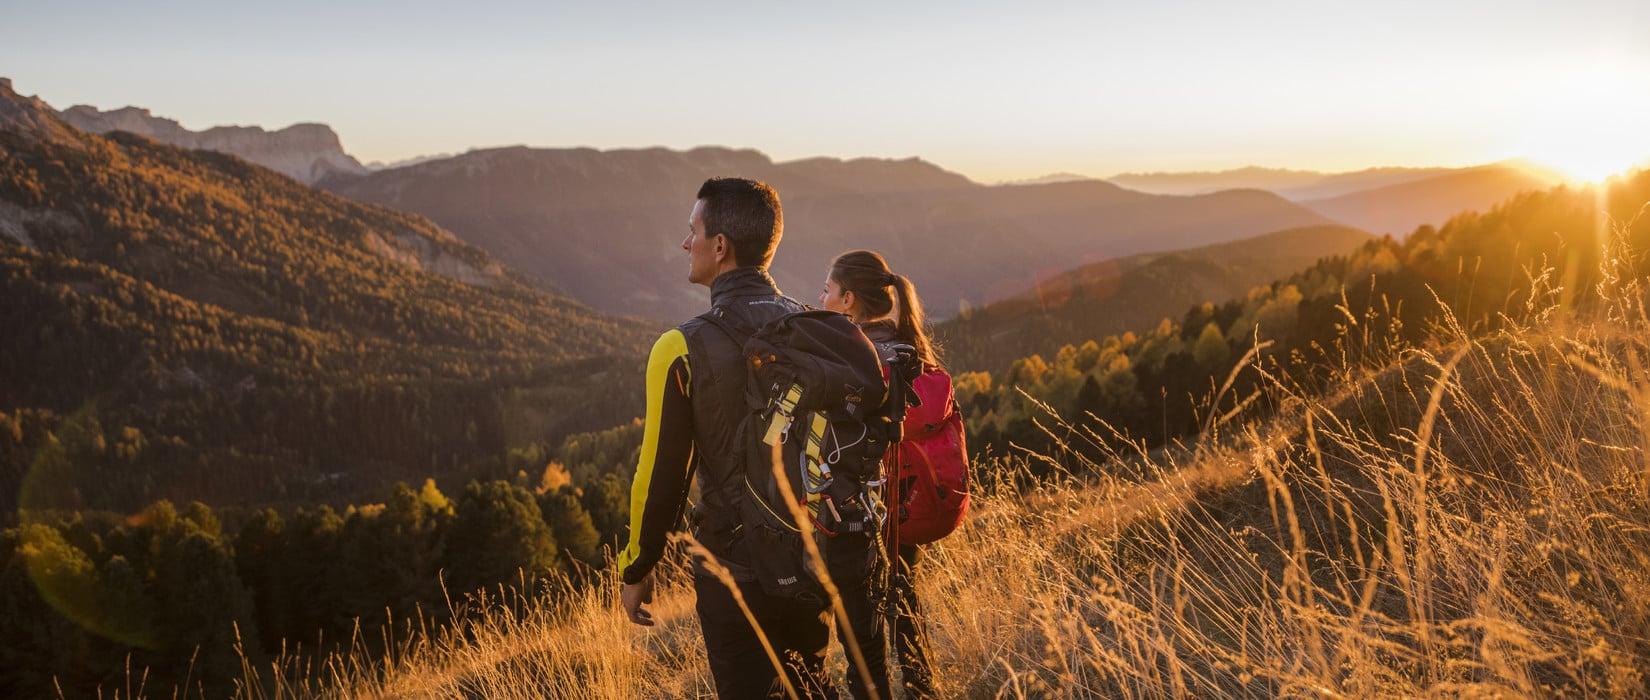 Goldener Herbst in Südtirol: Die Natur in der milden Jahreszeit genießen